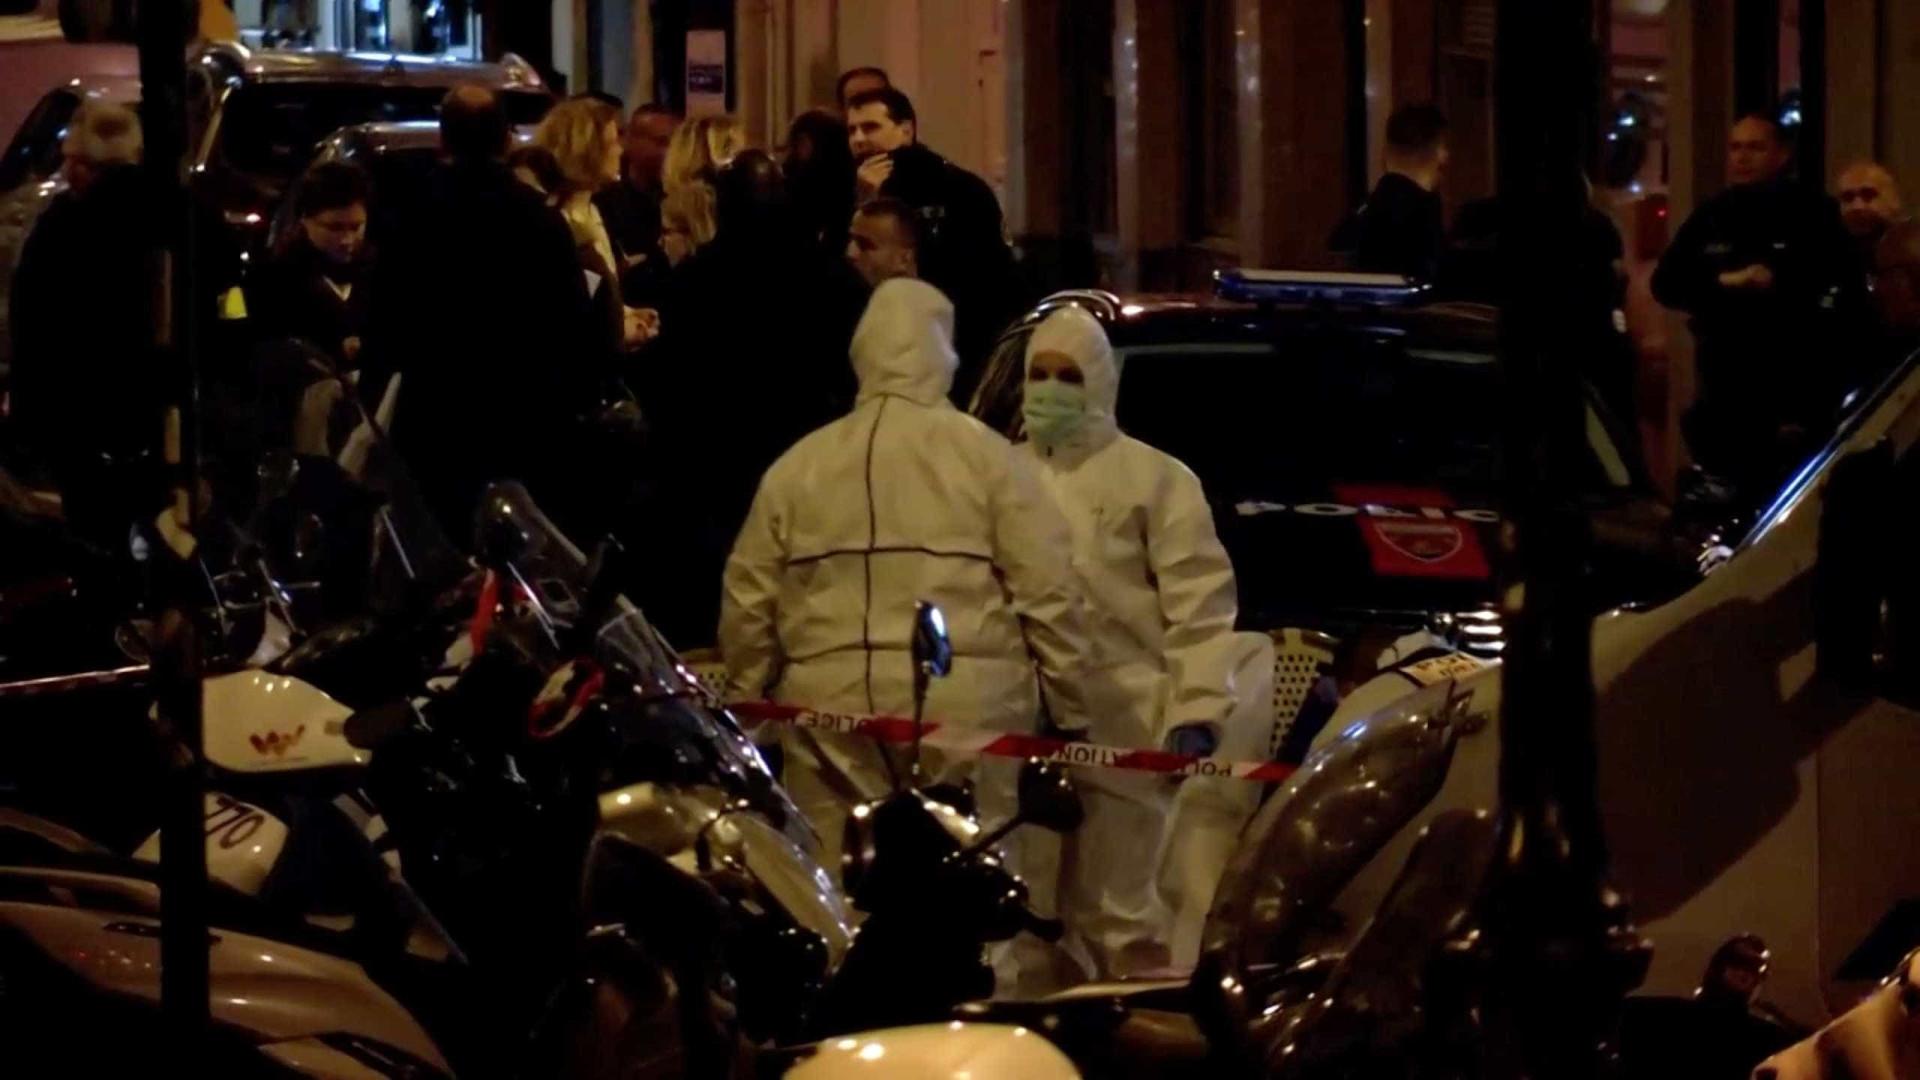 Polícia revela identidade do autor de ataque em Paris